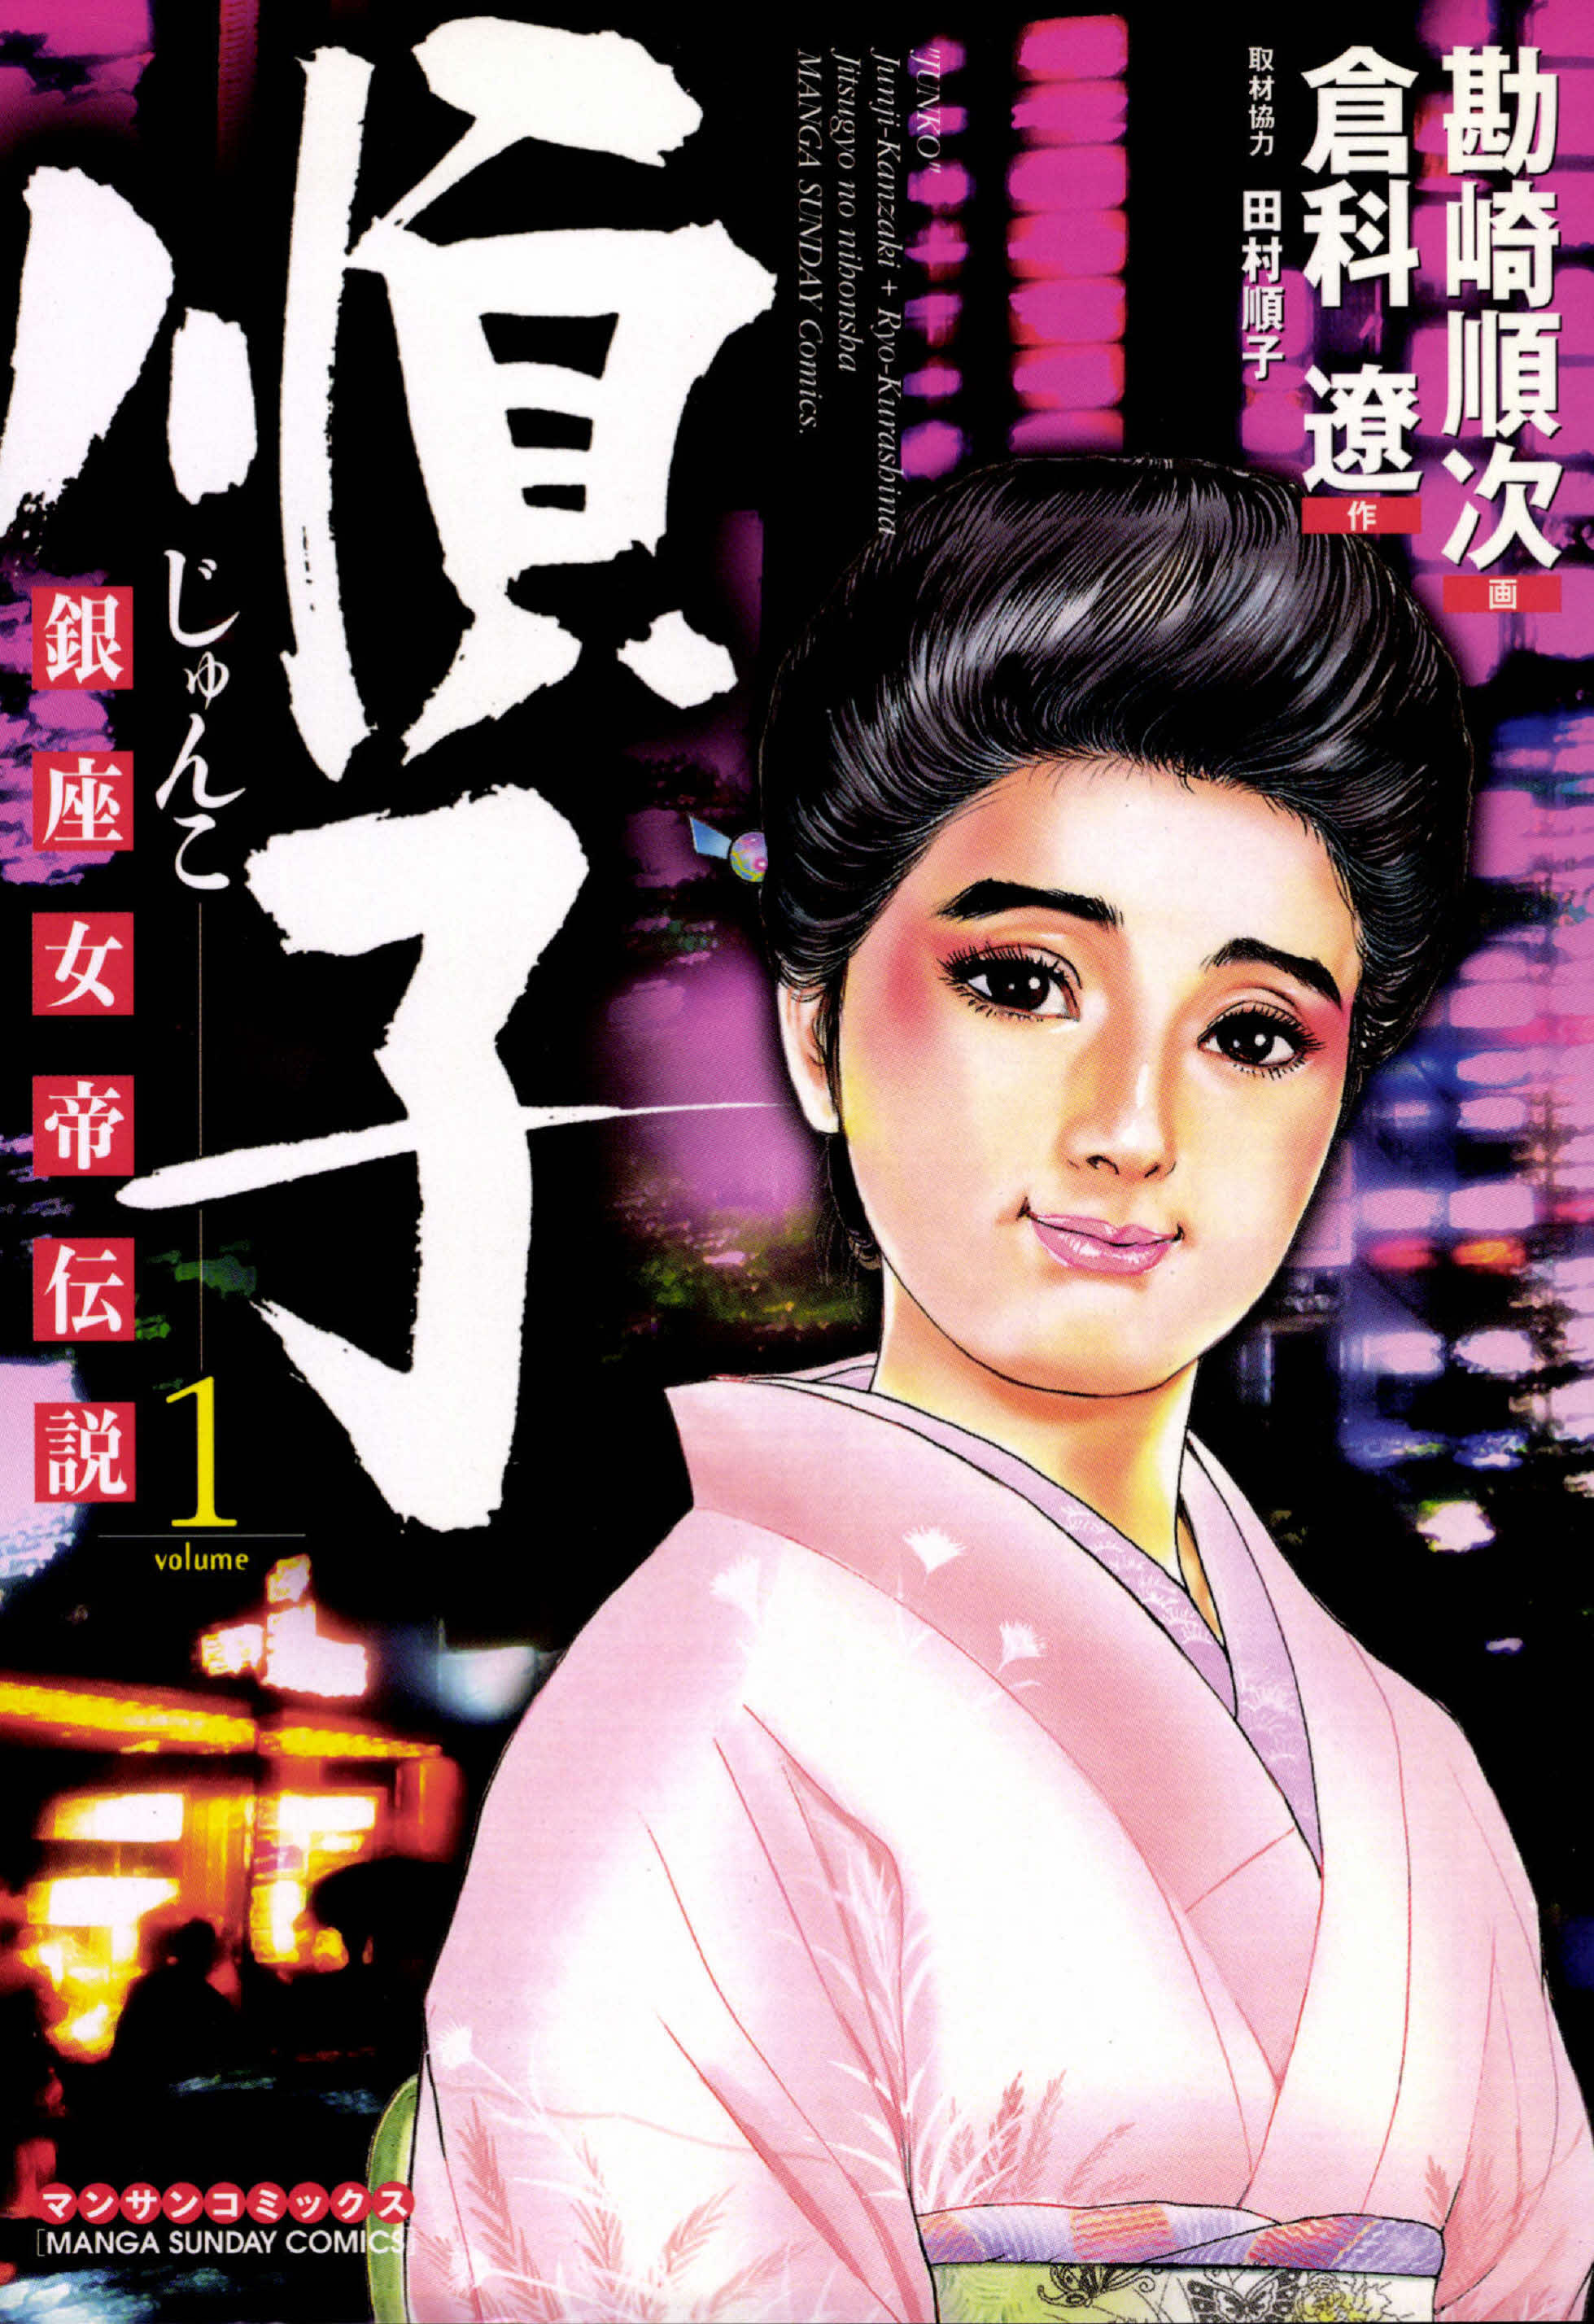 銀座女帝伝説順子(第1巻)